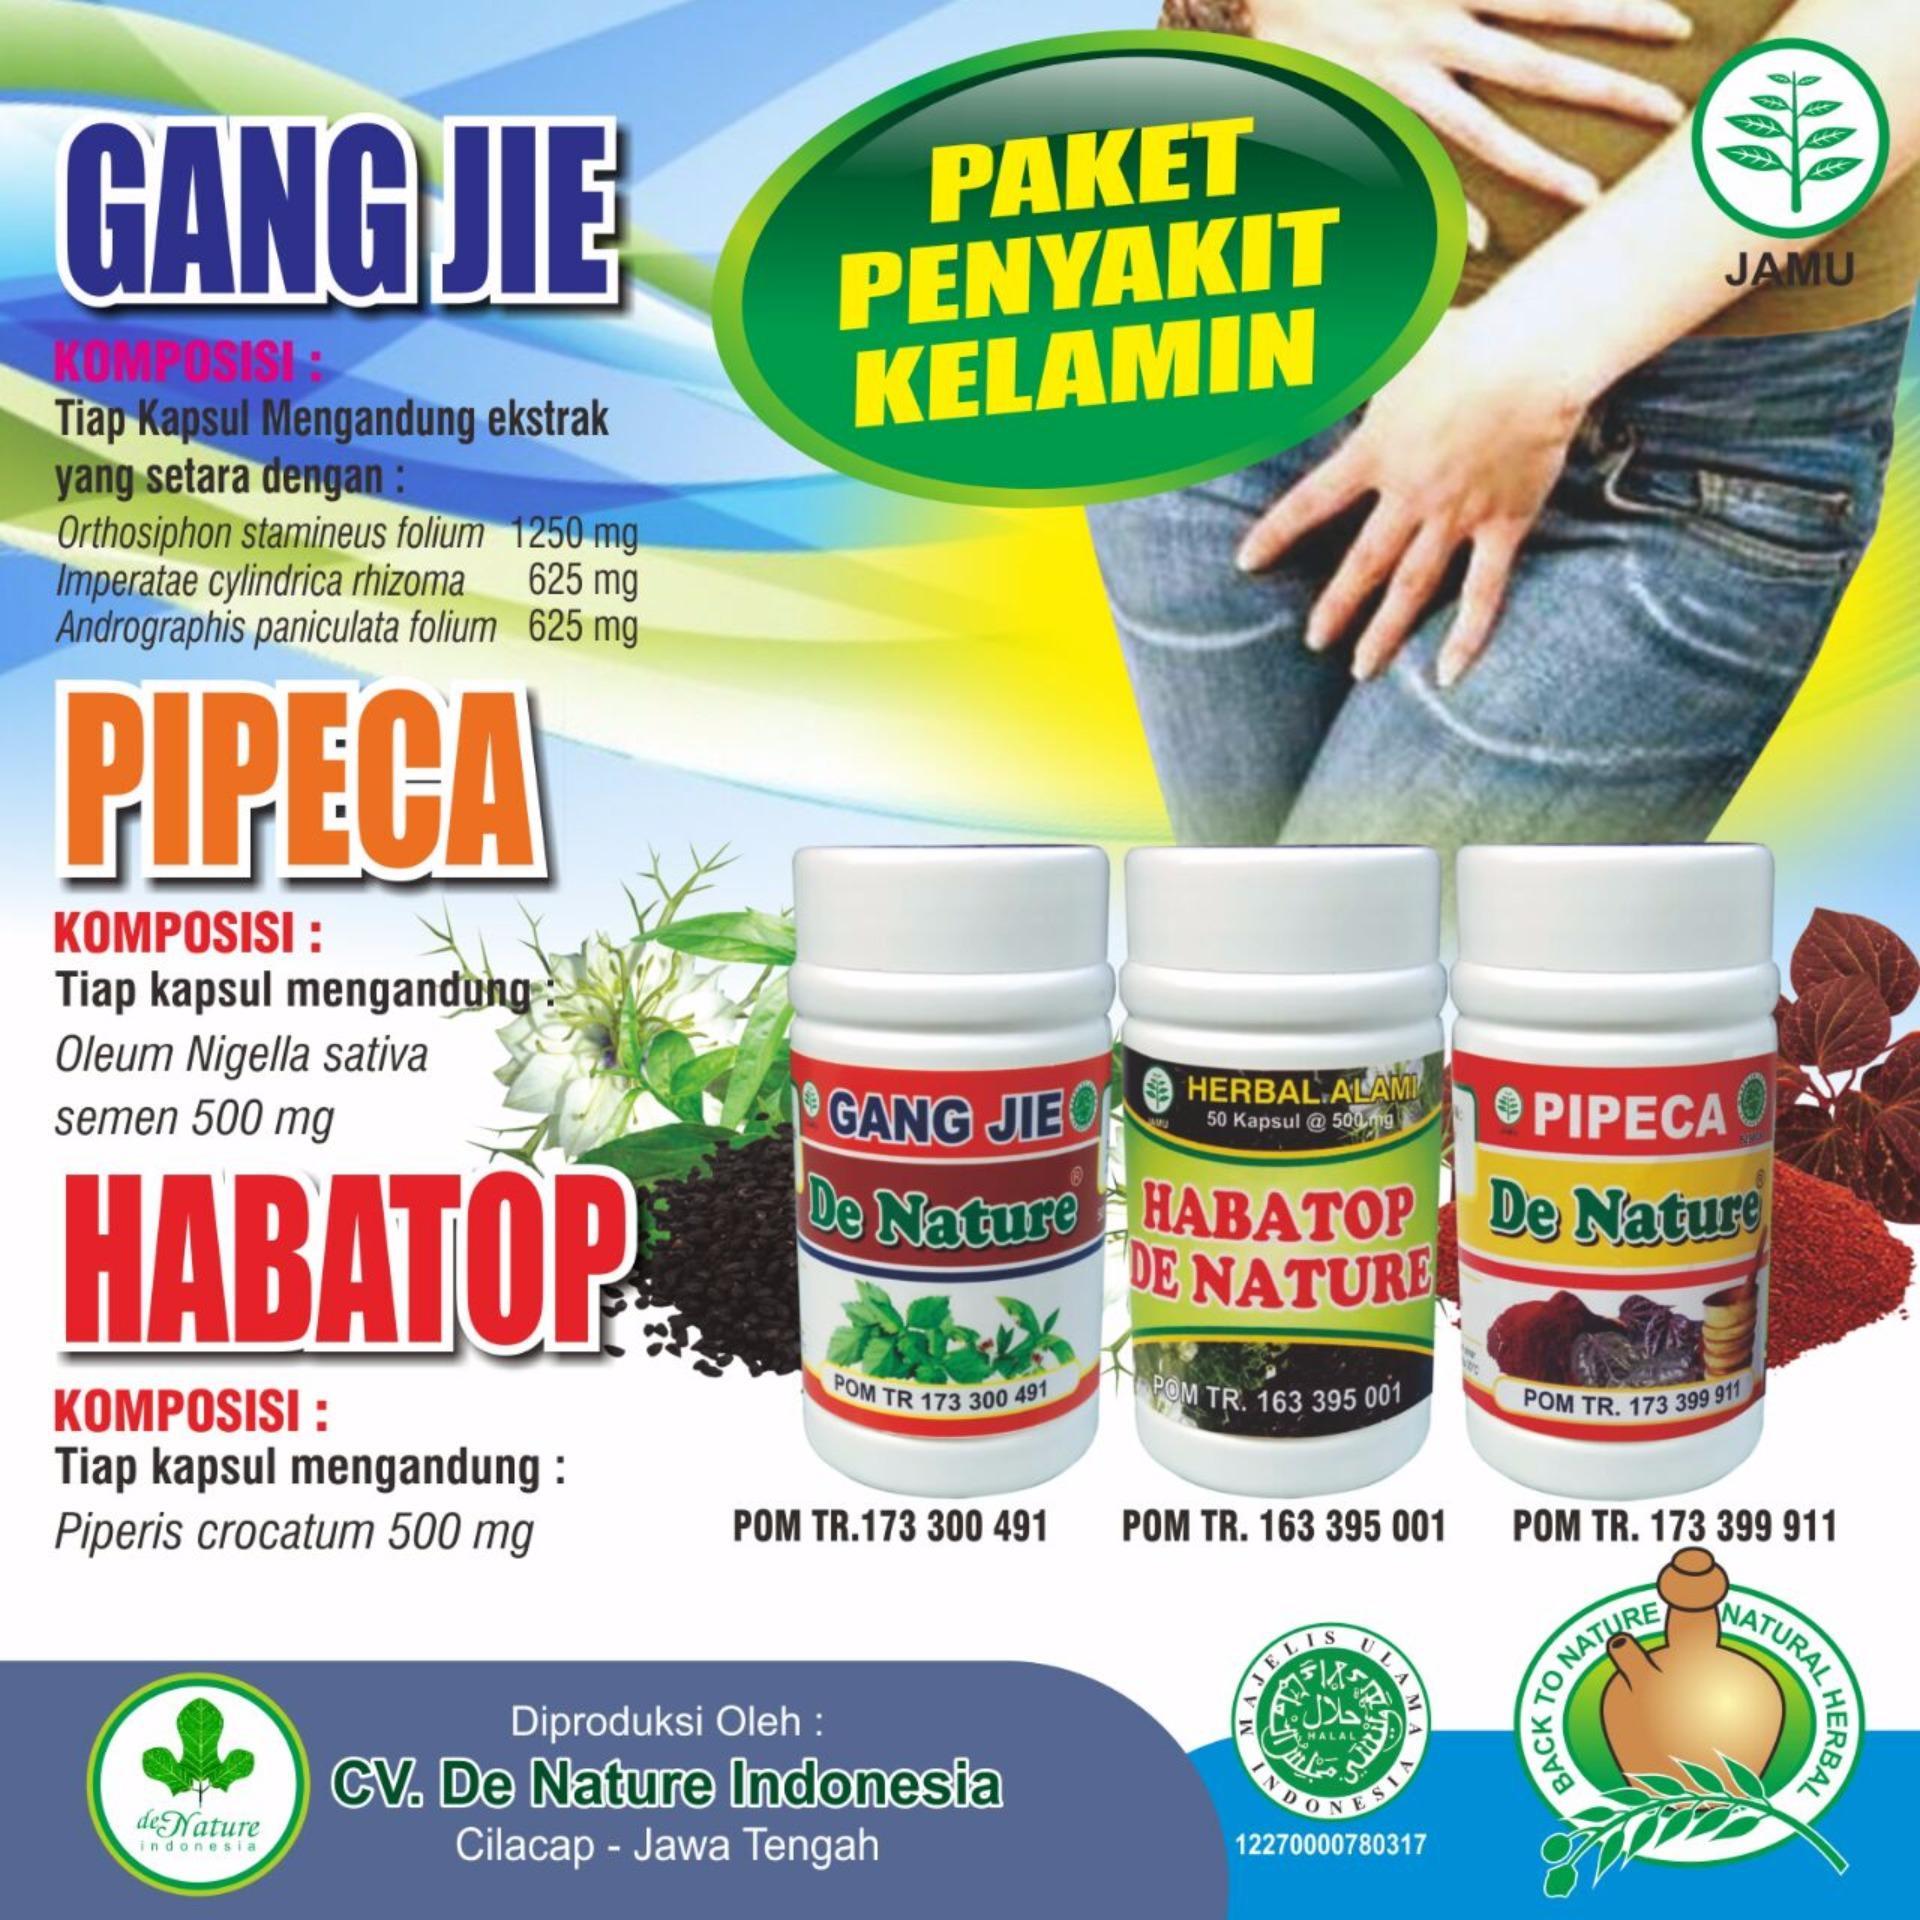 Toko Paket Penyakit K*l*m*n De Nature Lengkap Di Jawa Tengah